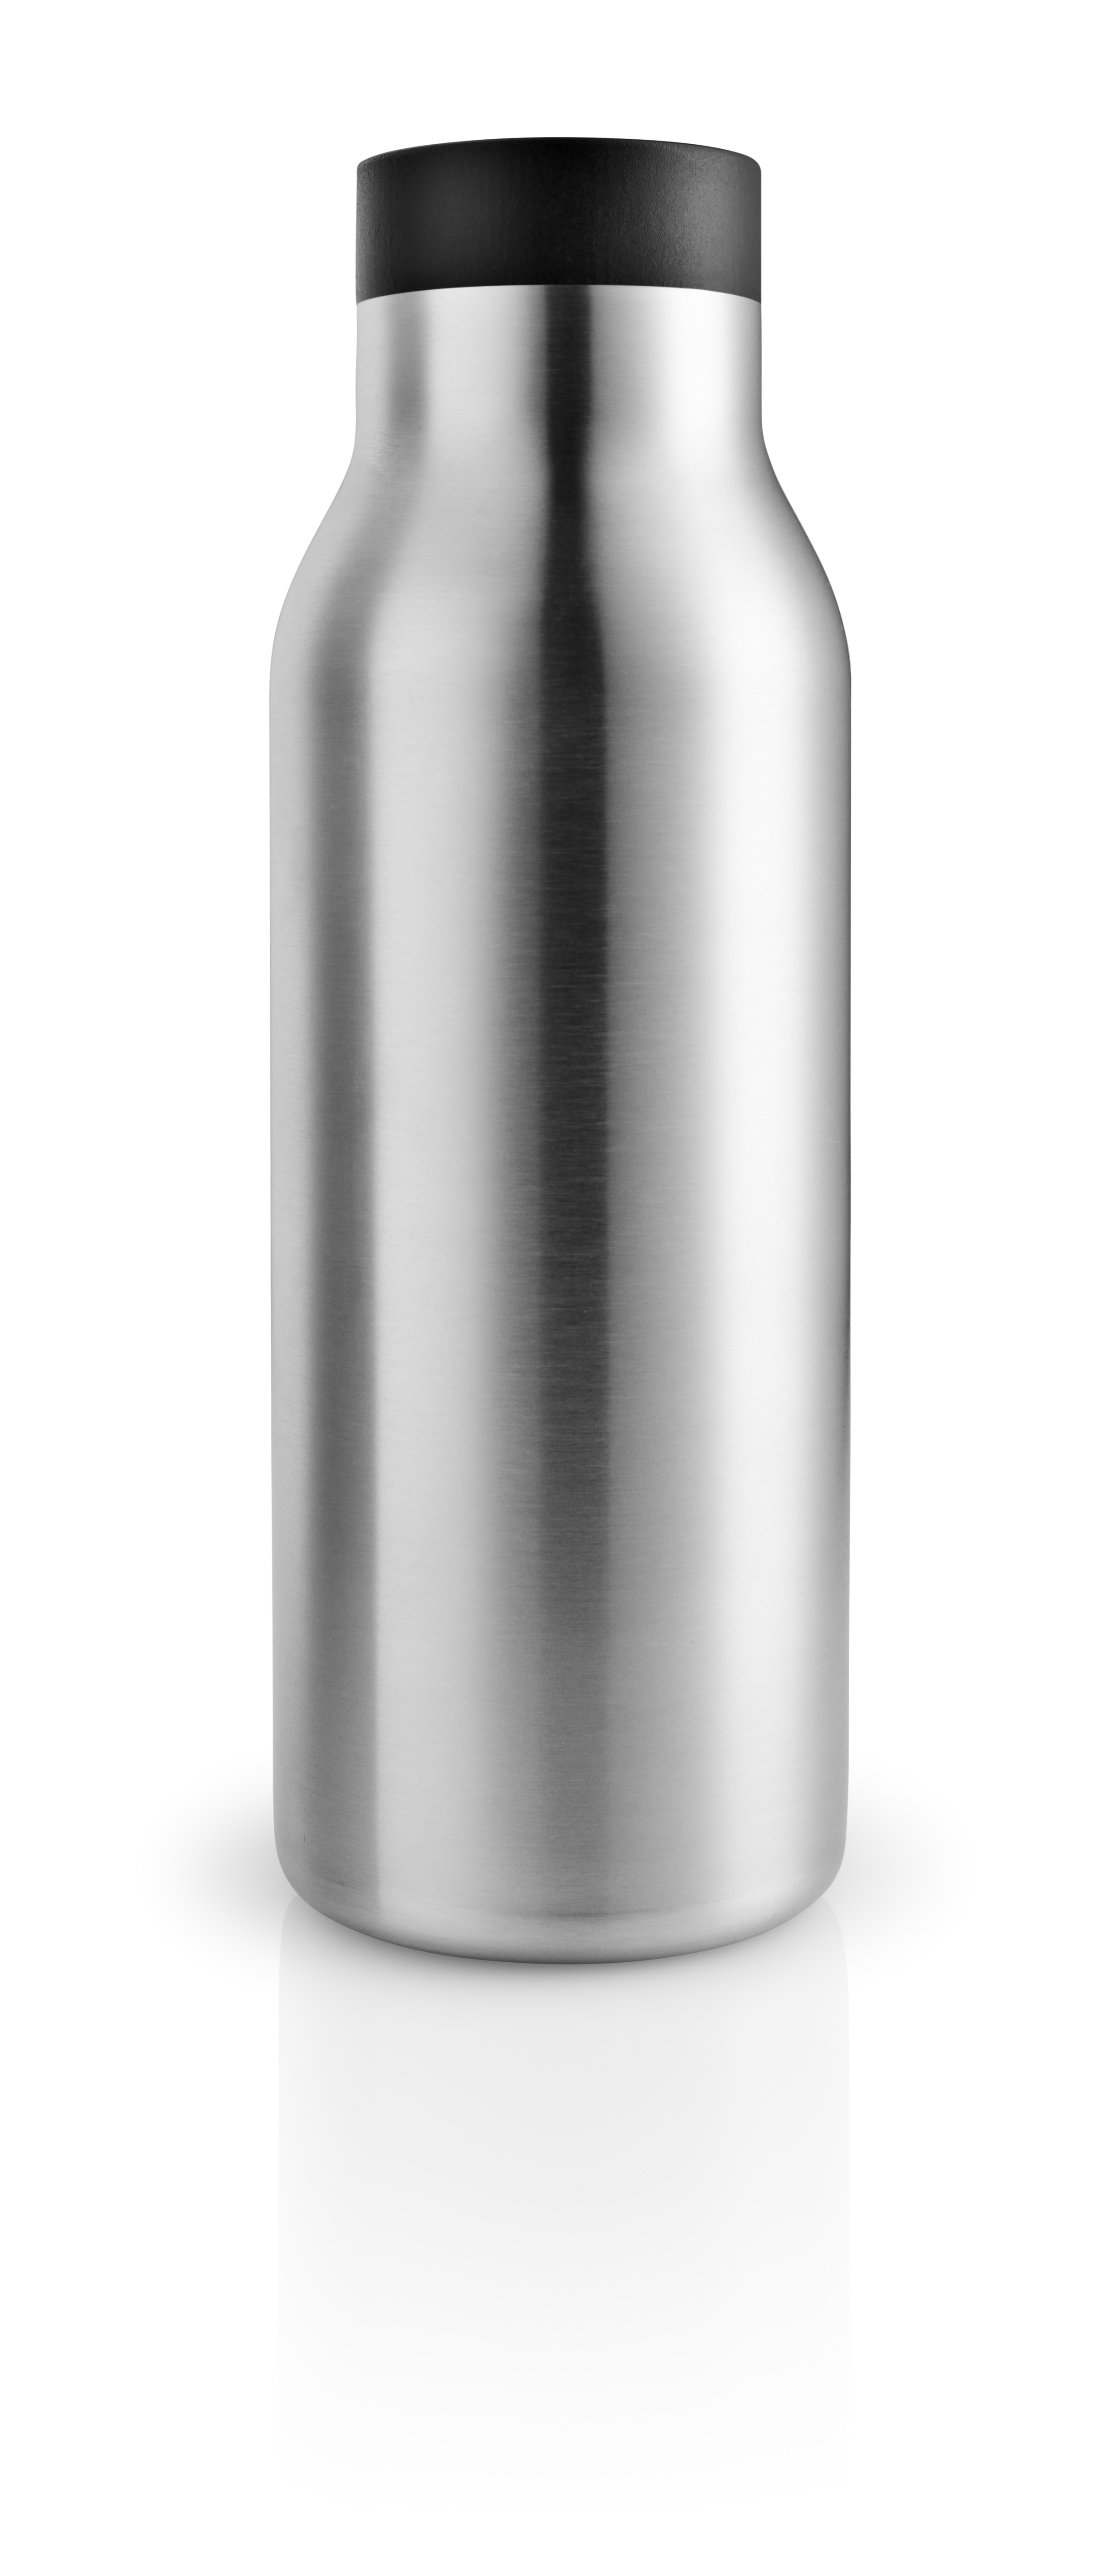 Eva Solo Urban termoflaske, 500 ml, black